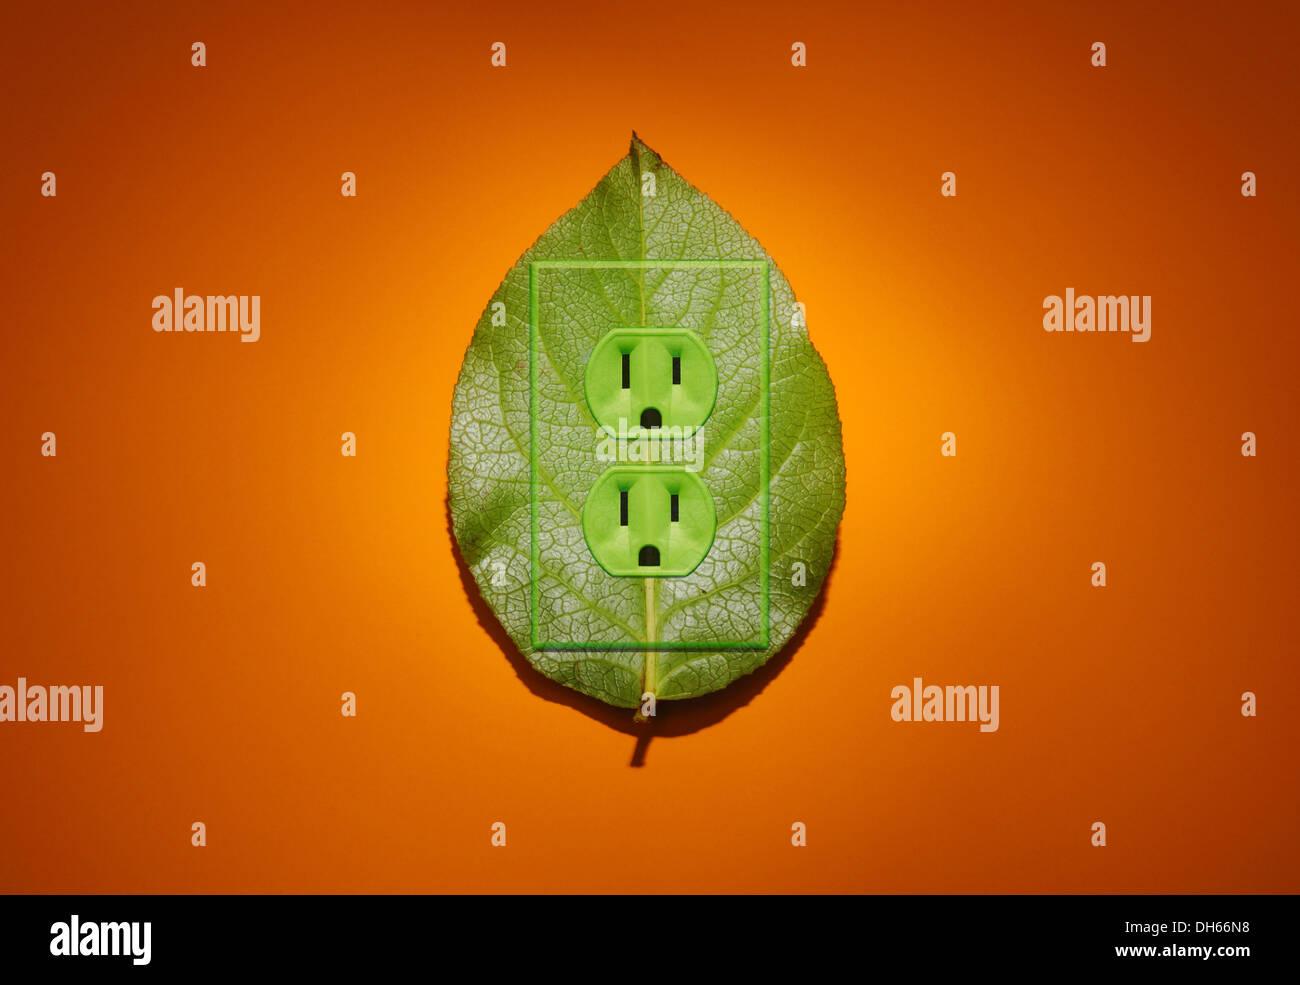 Una planta verde con hojas de color verde, tomas eléctricas añadido. Fondo naranja brillante Imagen De Stock